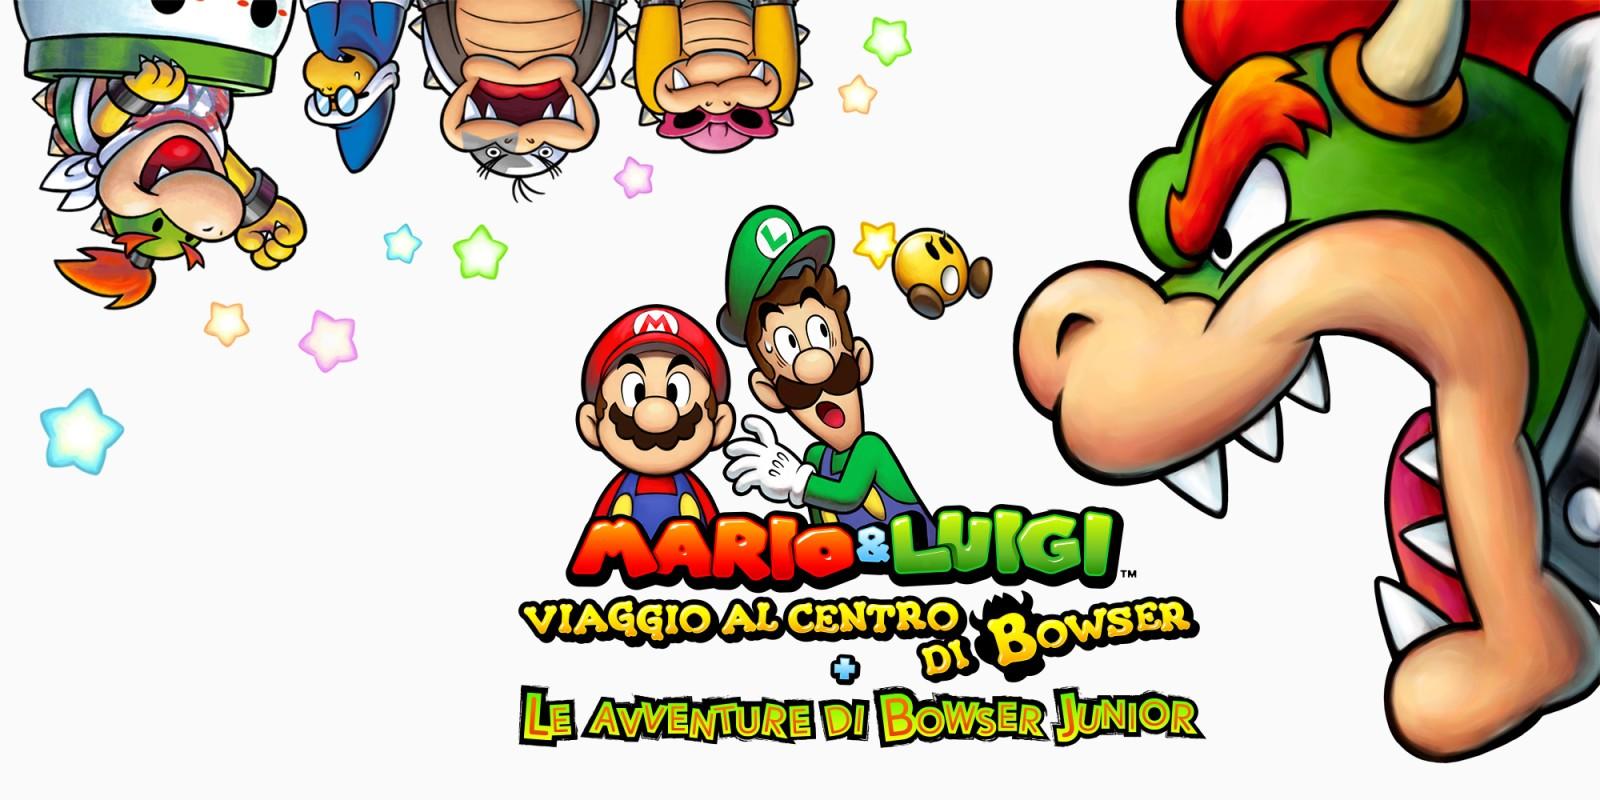 Mario & Luigi Viaggio al centro di Bowser